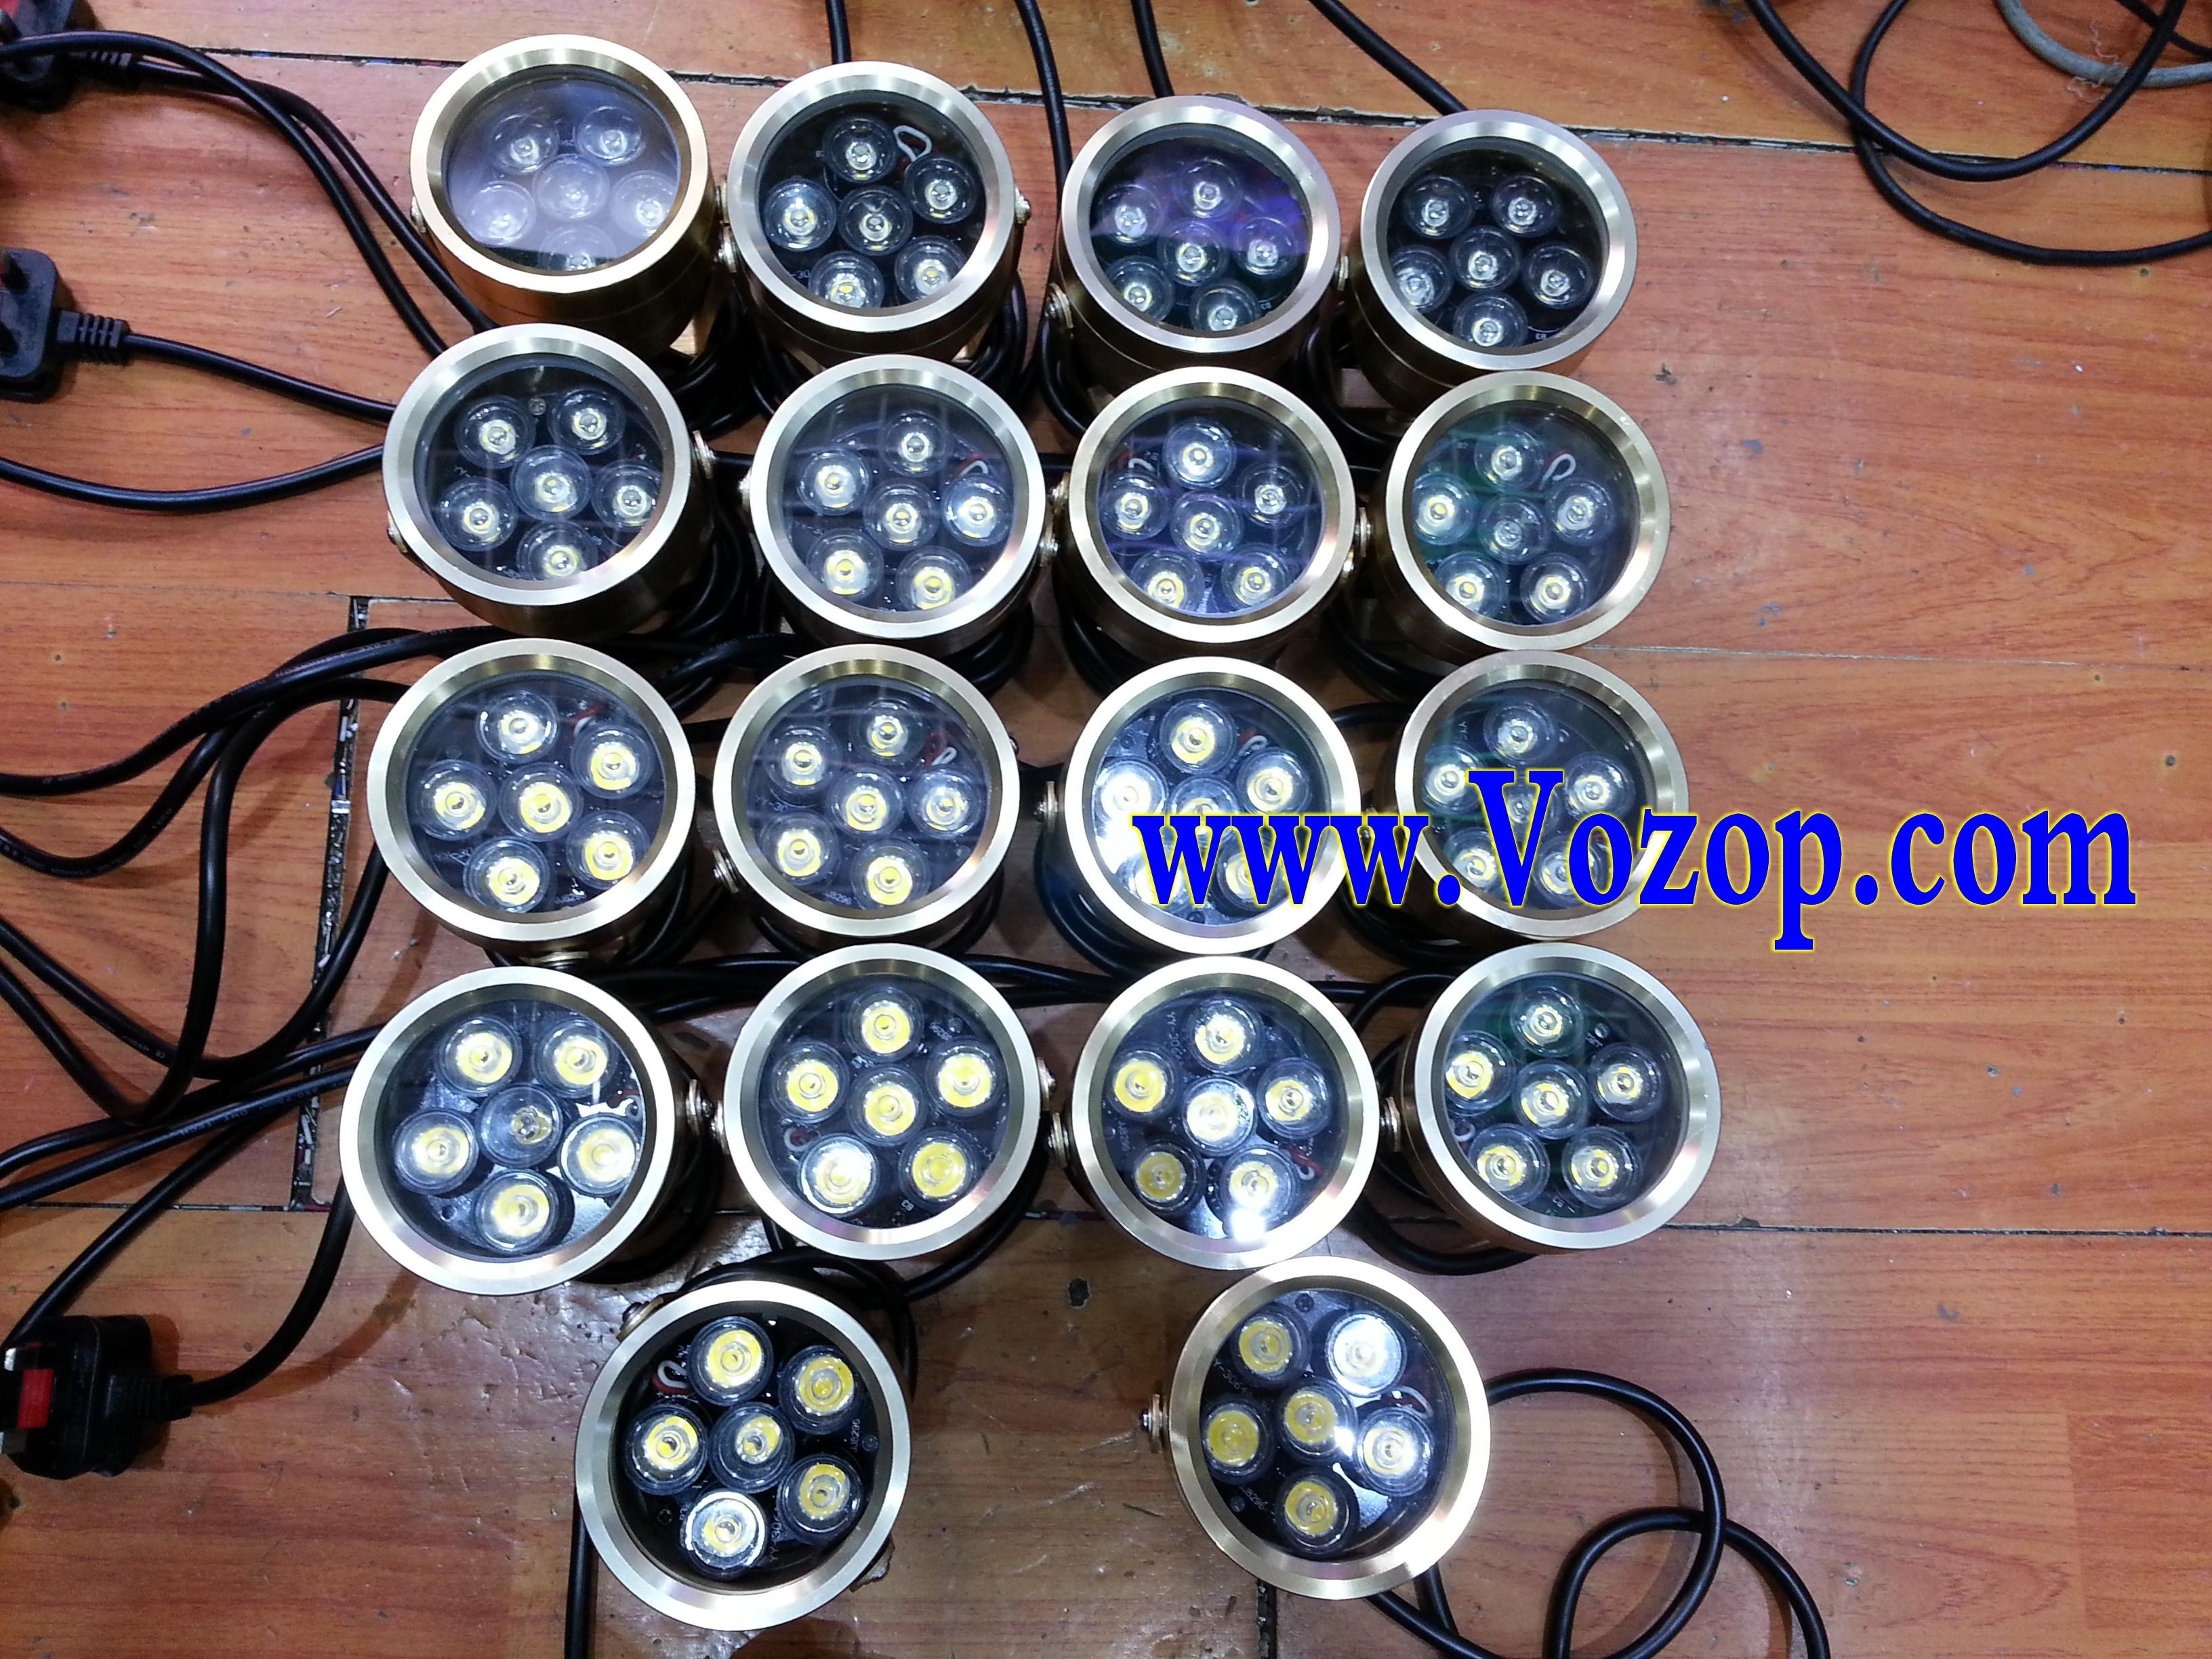 6W_Project_Flood_Light_Outdoor_Garden_Lamp_Golden_Shell_spotlights